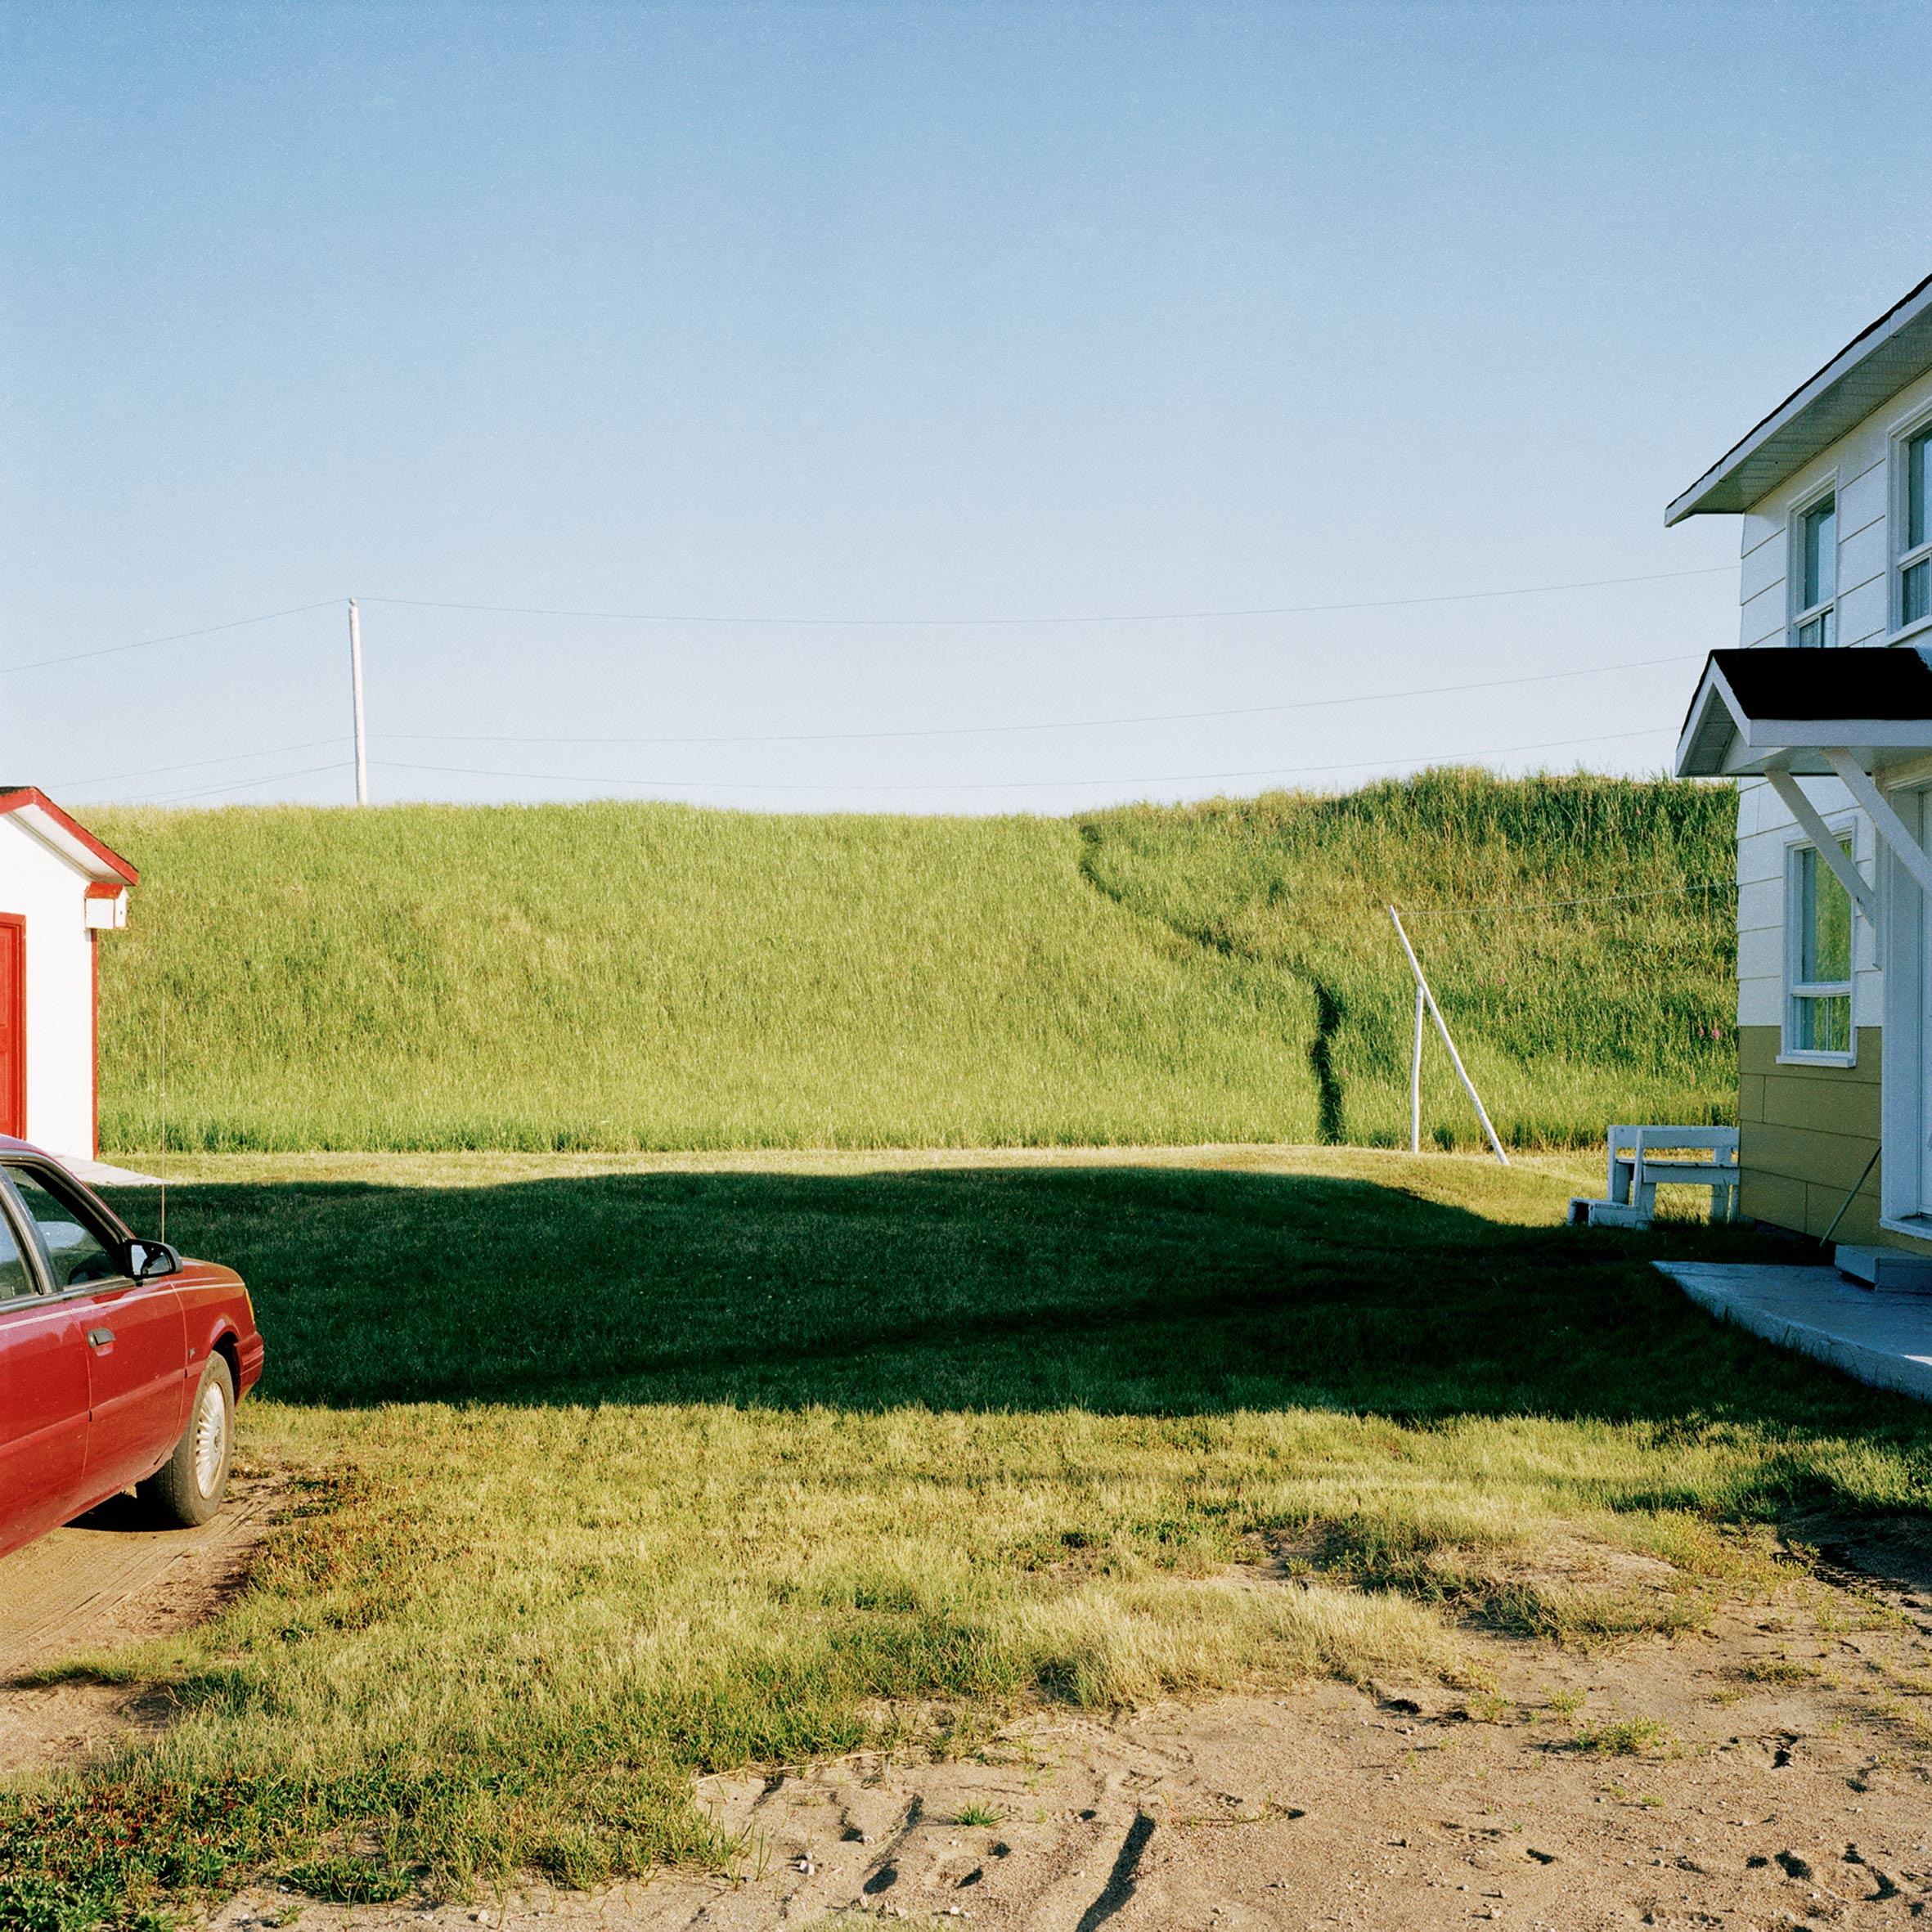 marcher créer, périple autobiographique, territoire du Labrador au Québec, paysage, paysage périurbain,